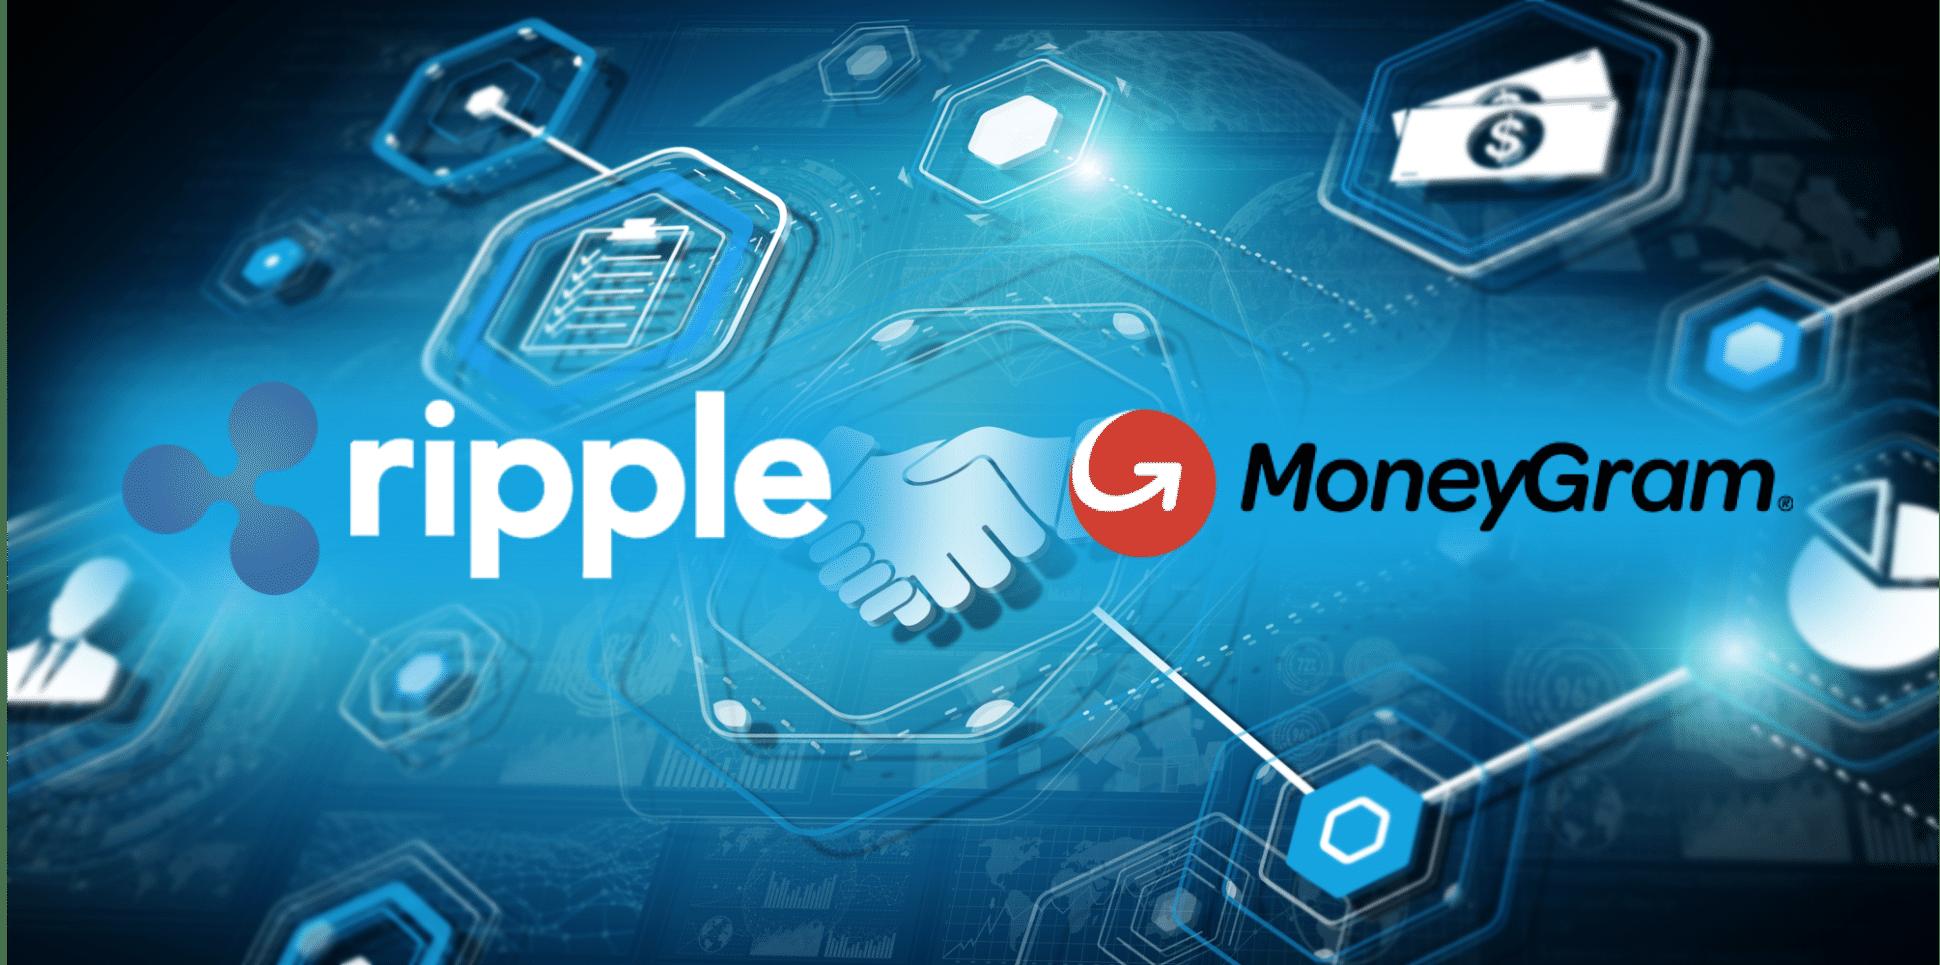 ripple moneygram2 e1516051727994